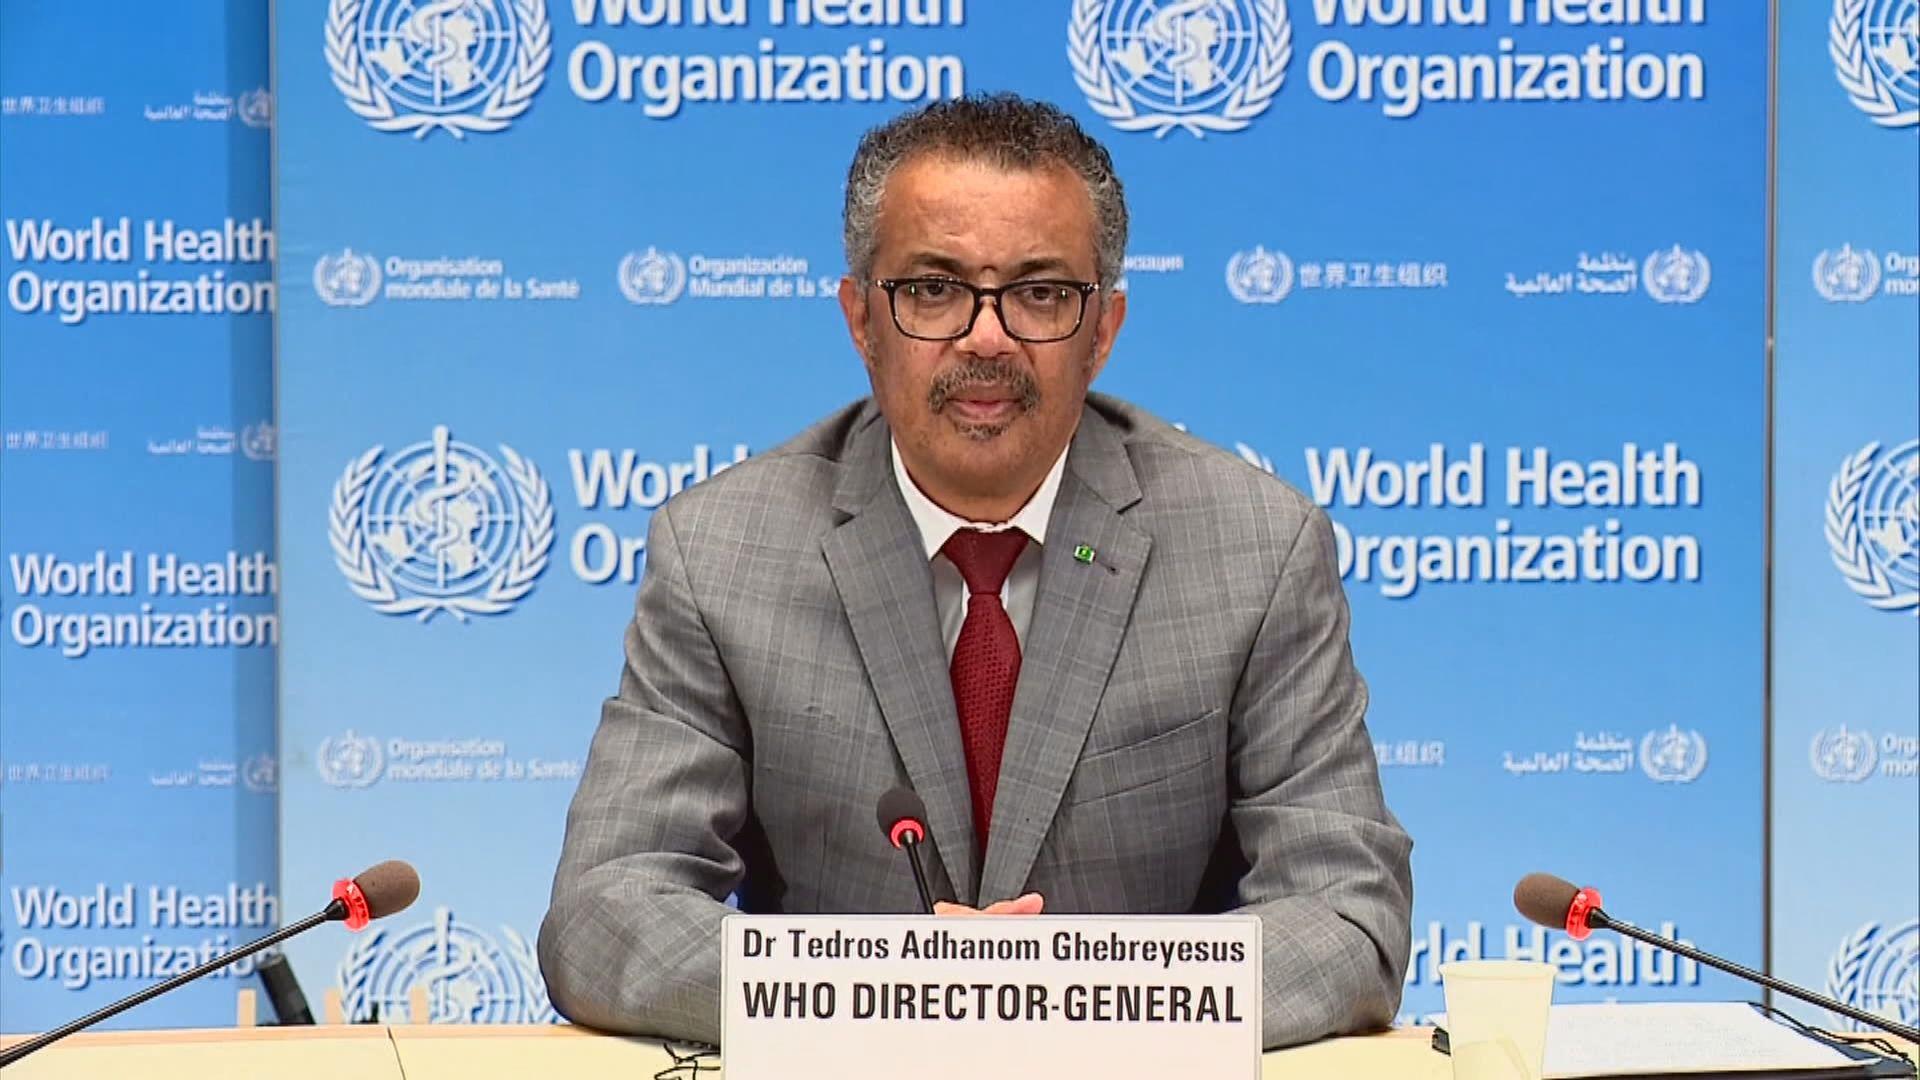 譚德塞讚揚美國為全球健康作出貢獻 期望可繼續合作